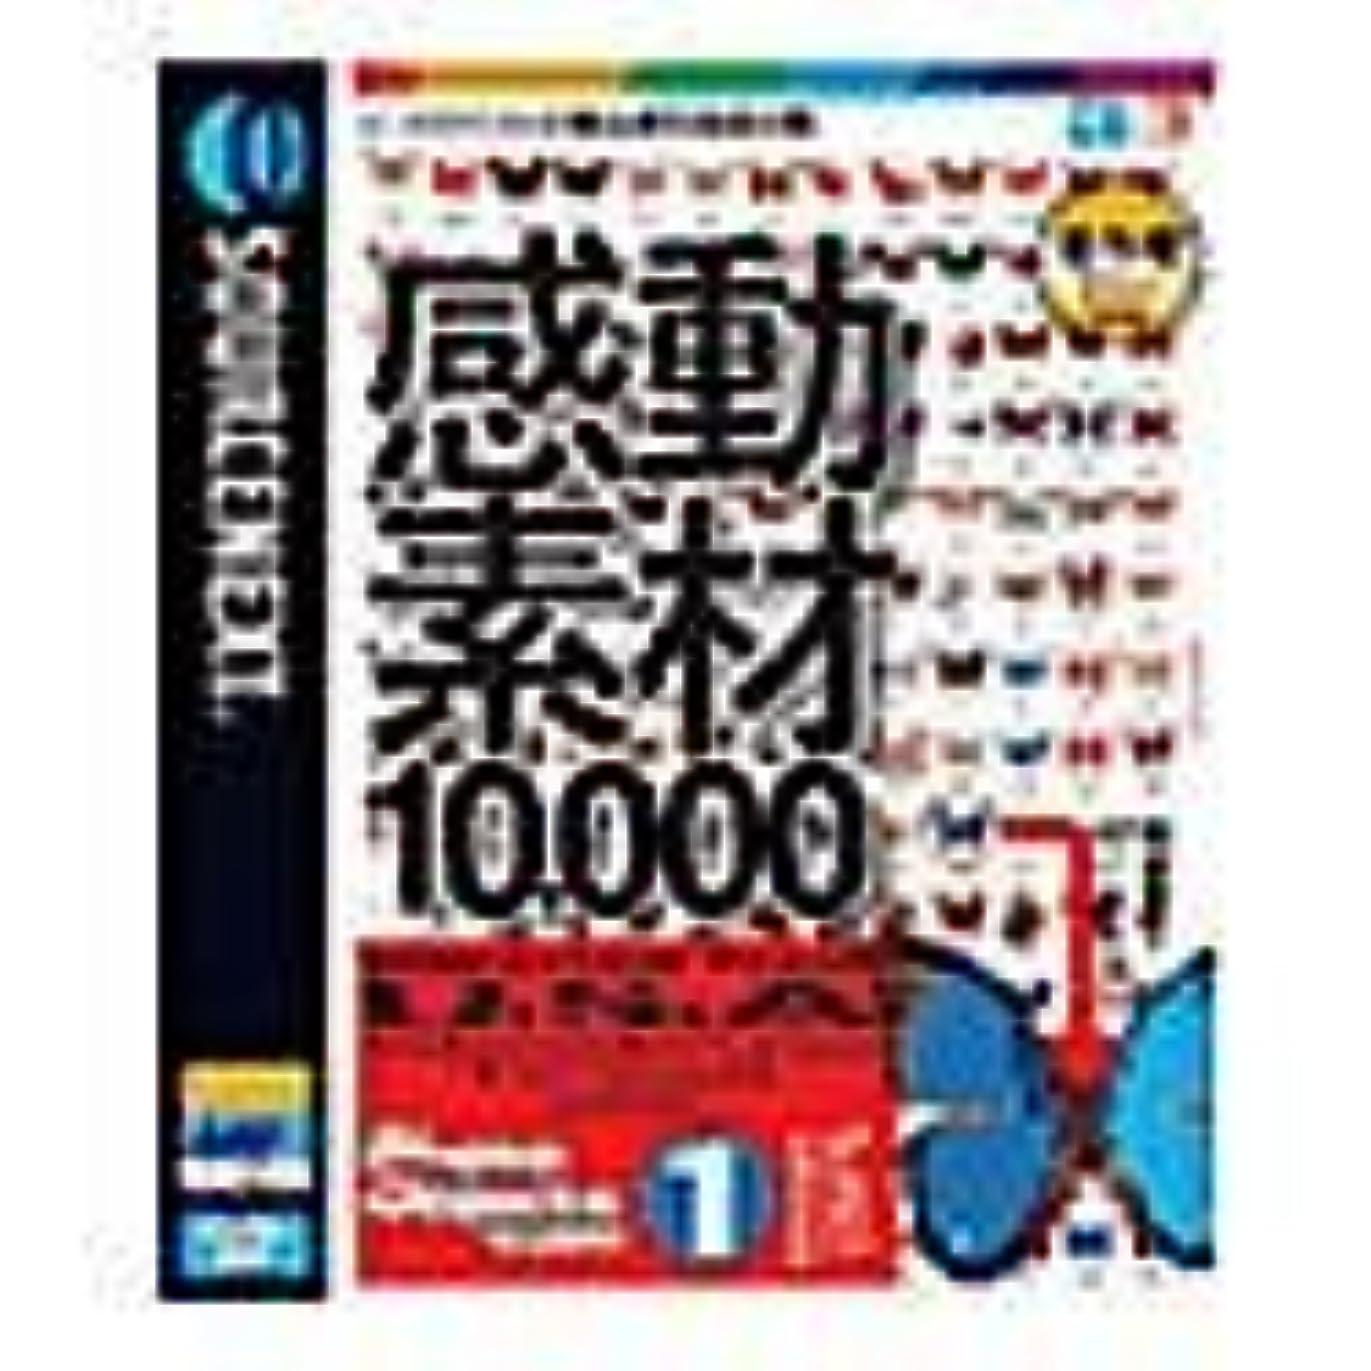 適応する支援する抑止する感動素材 10000 HEMERA Photo-Objects 1